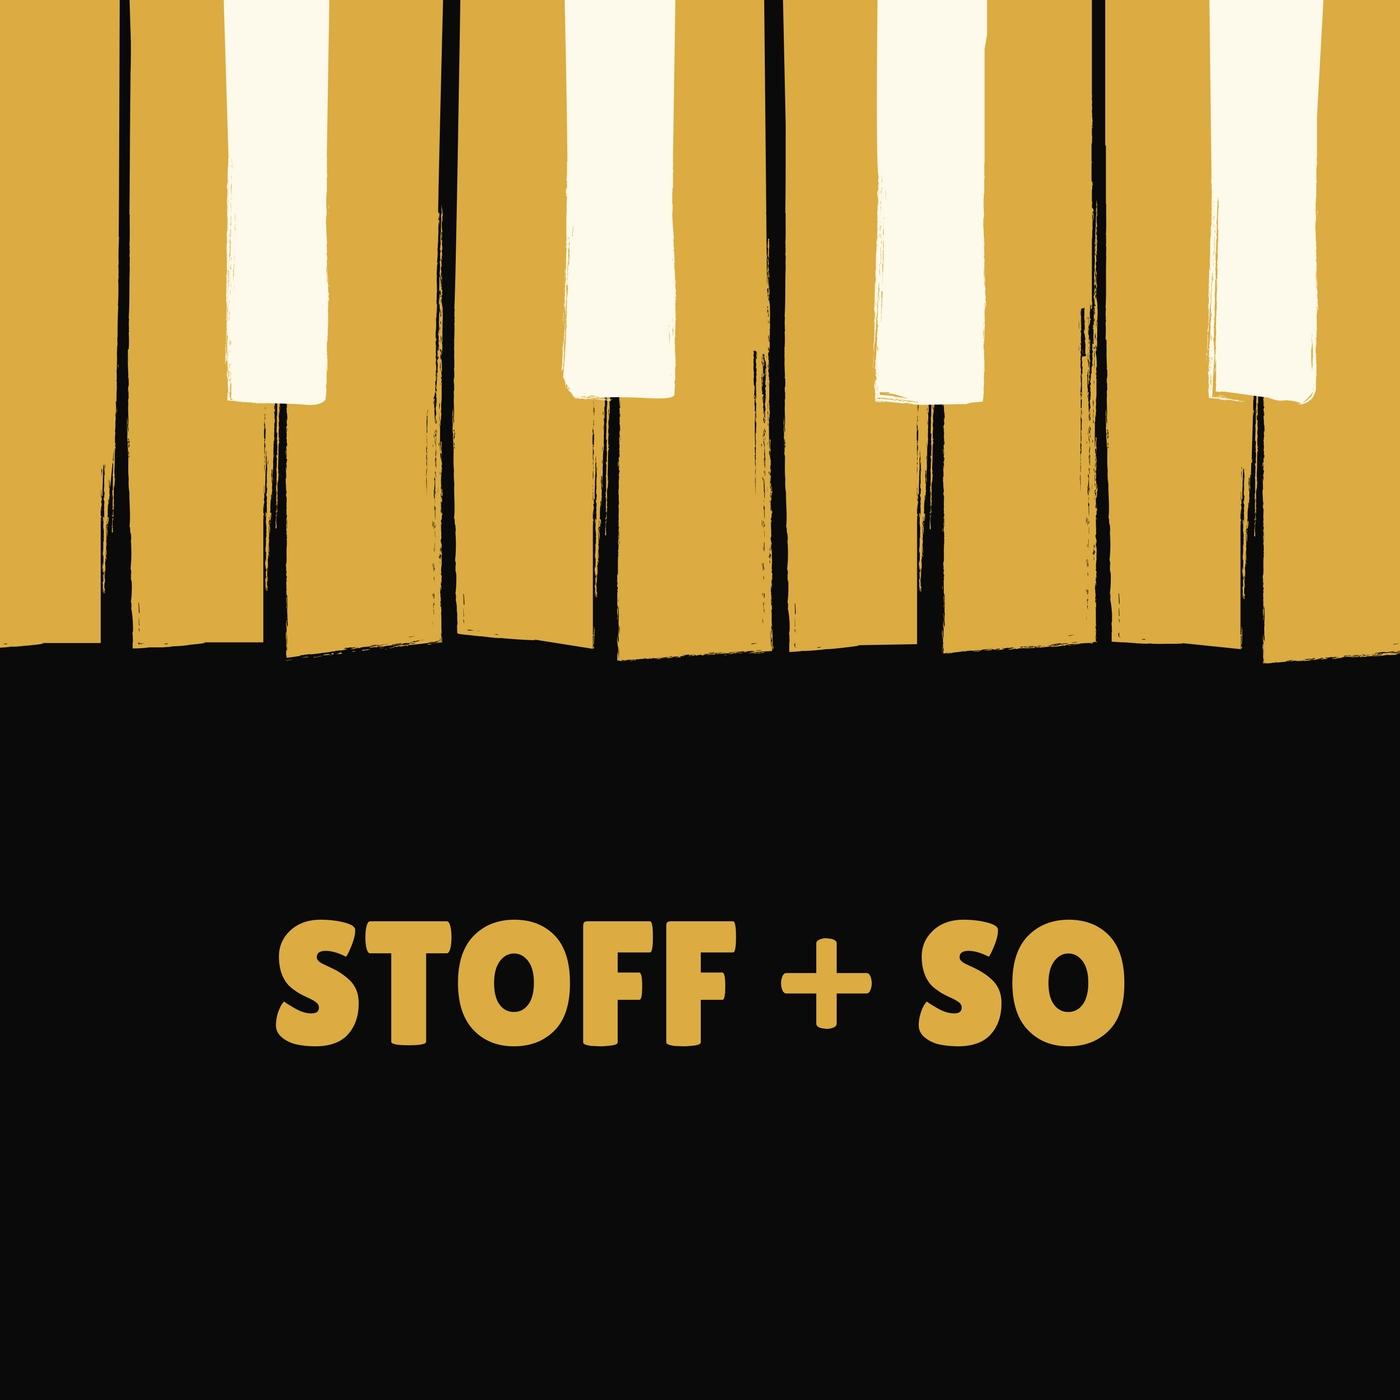 Stoff + So